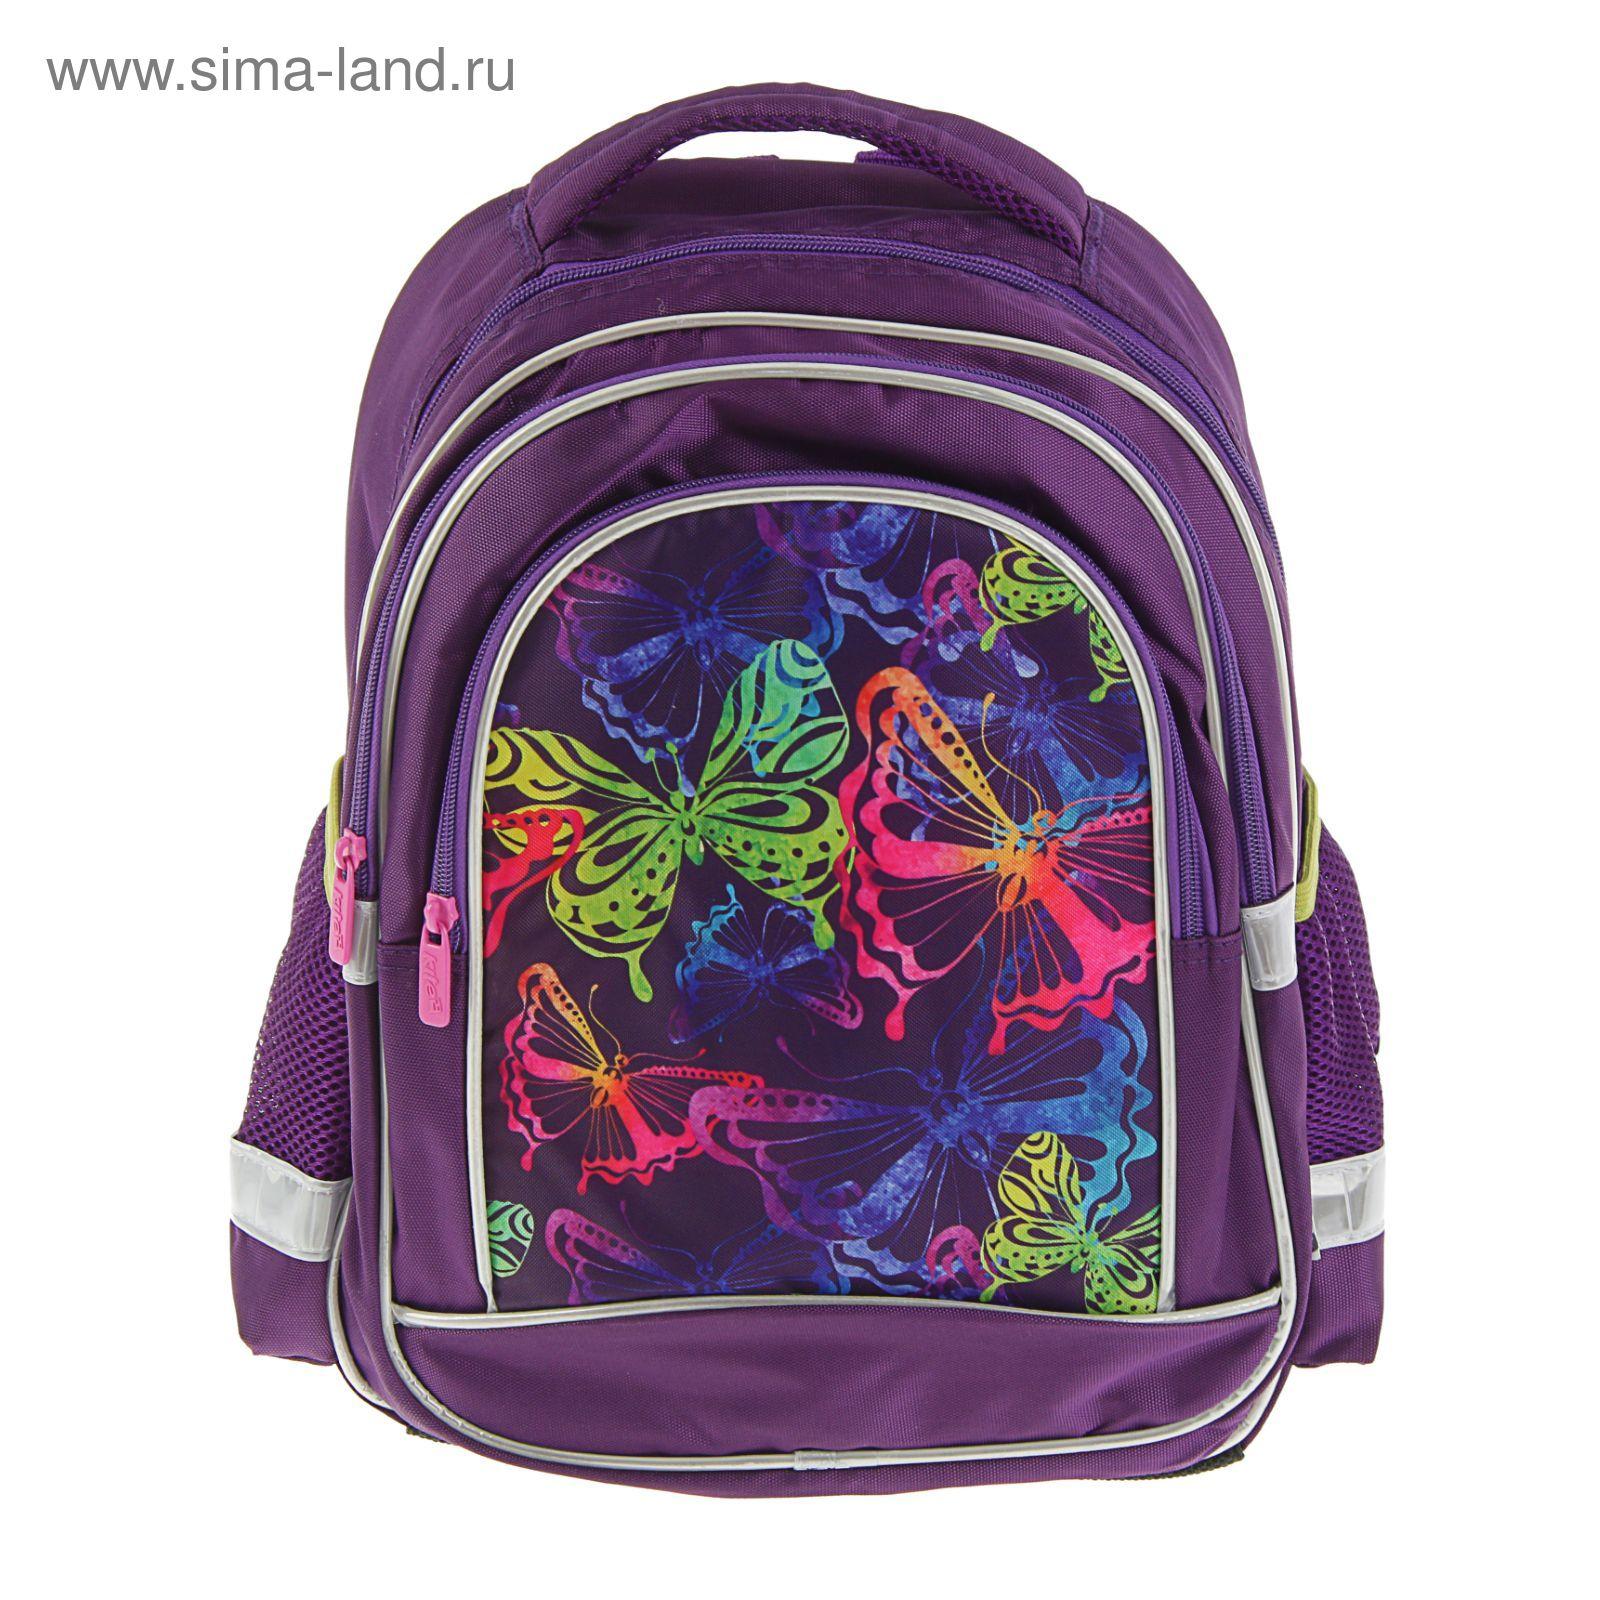 b8e94c300148 Рюкзак школьный Kite 509 Neon butterfly, 38 х 29 х 13 см, фиолетовый ...